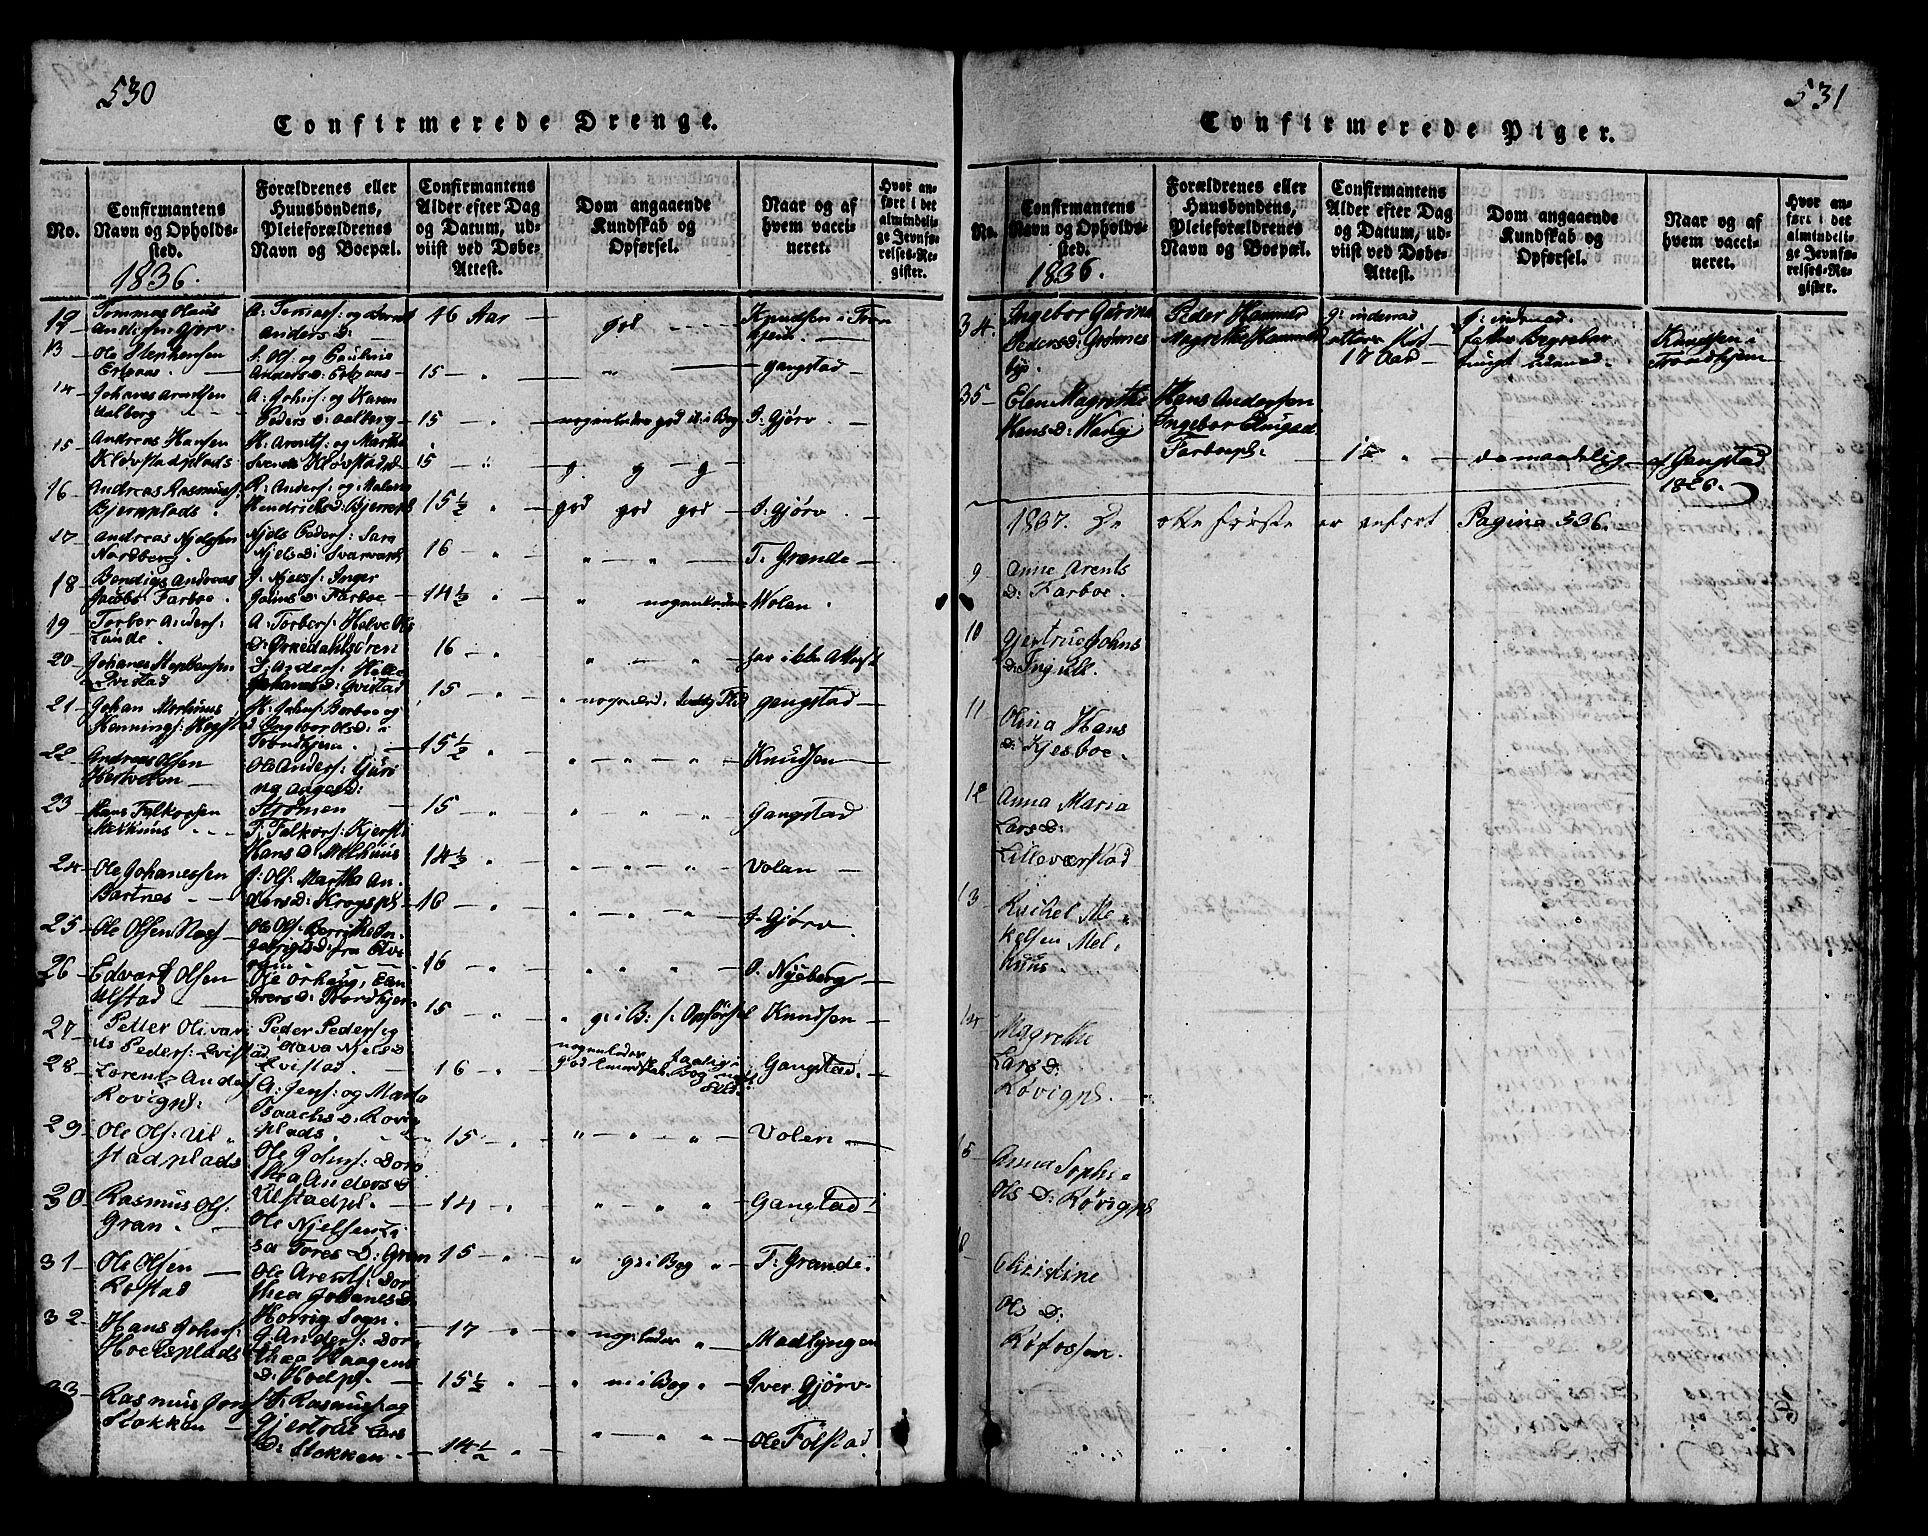 SAT, Ministerialprotokoller, klokkerbøker og fødselsregistre - Nord-Trøndelag, 730/L0298: Klokkerbok nr. 730C01, 1816-1849, s. 530-531